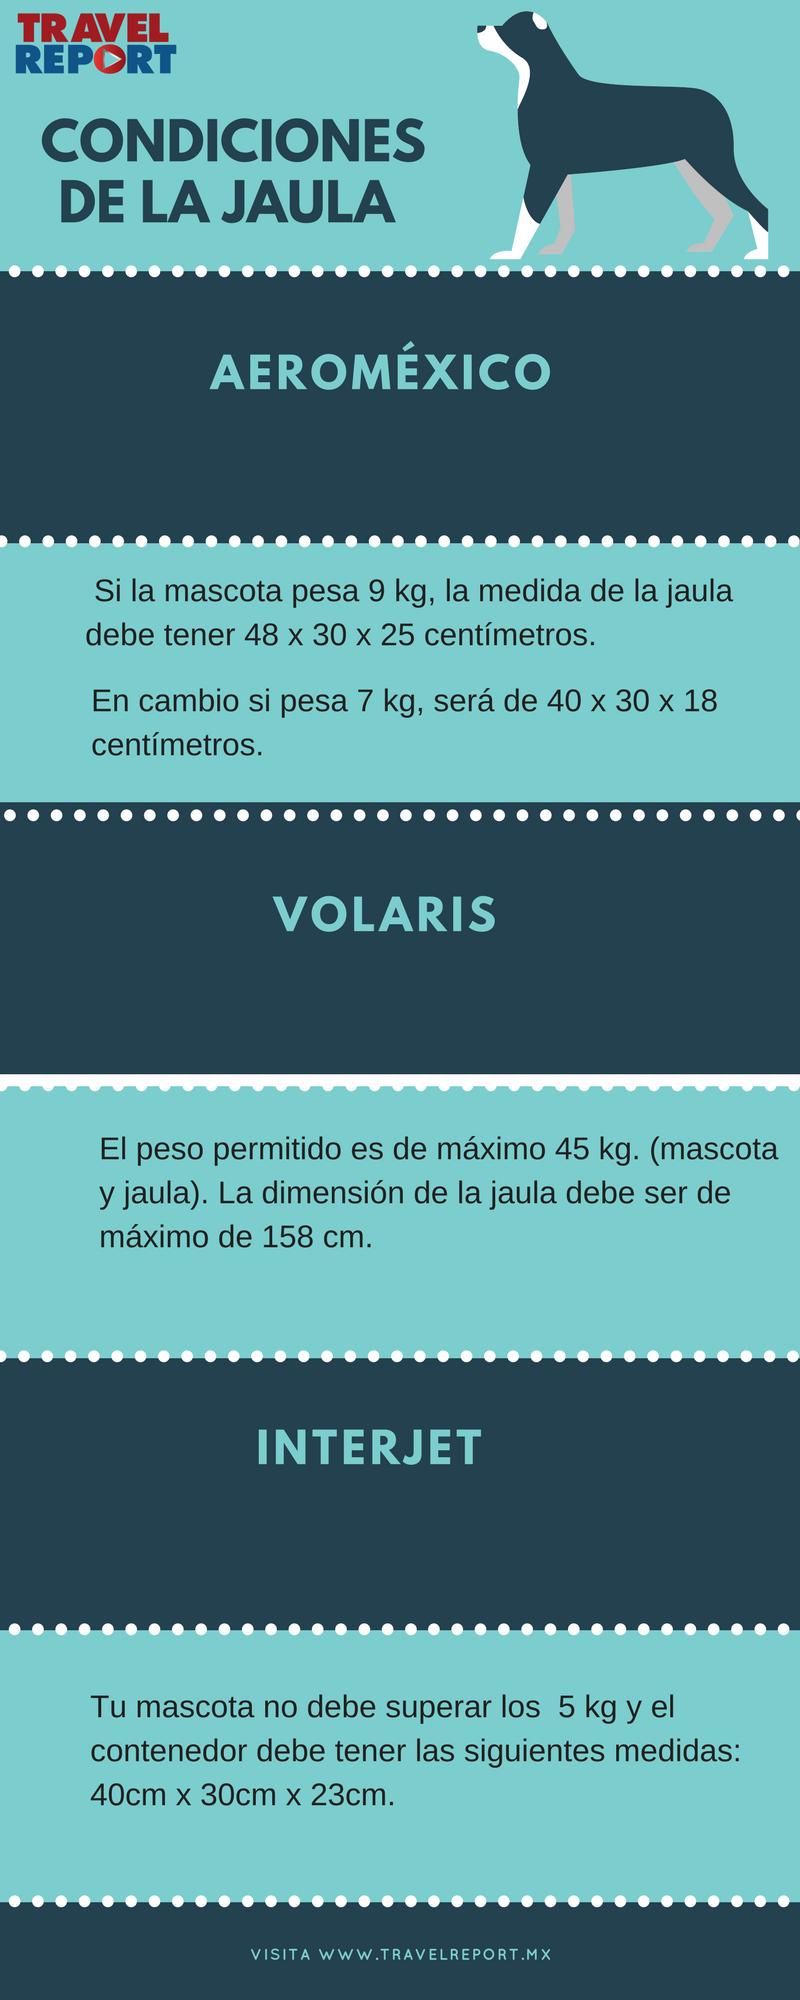 Condiciones de la jaula (1)